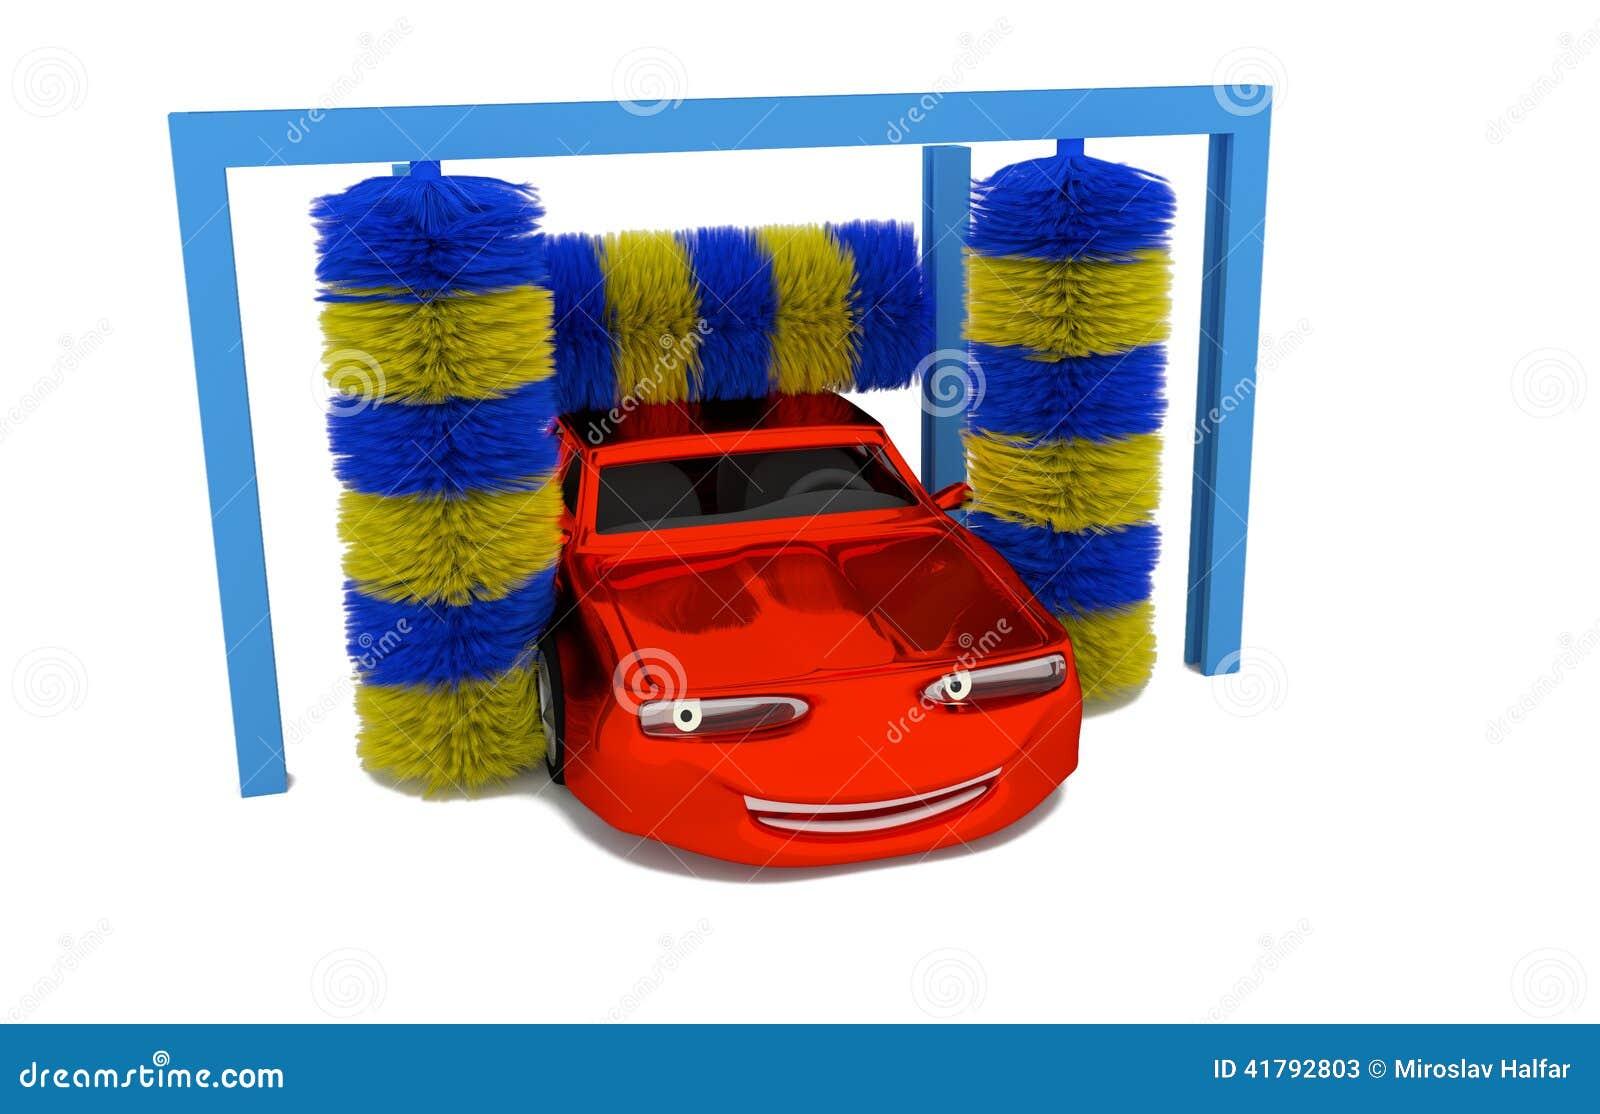 car inside a car wash stock illustration image 41792803. Black Bedroom Furniture Sets. Home Design Ideas